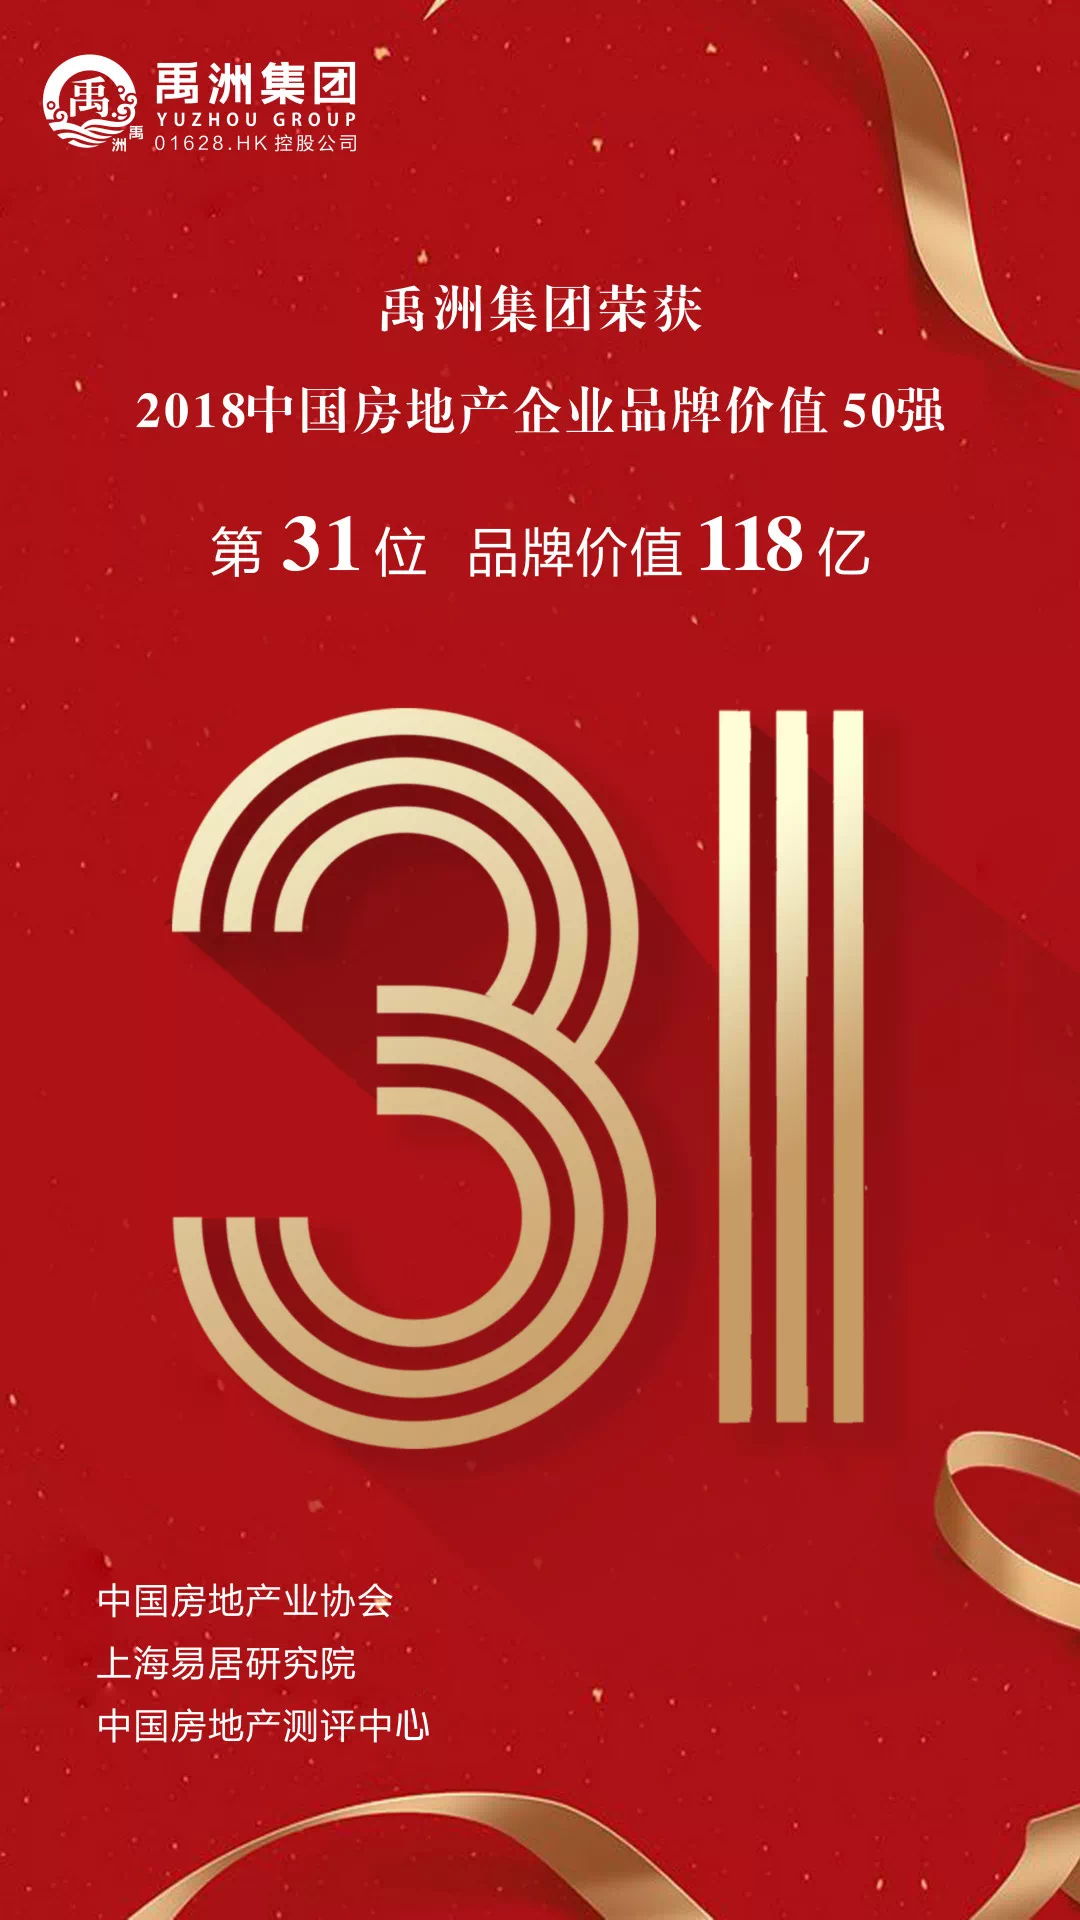 喜报!品牌价值118亿,禹洲获行业赞誉位列50强第31位